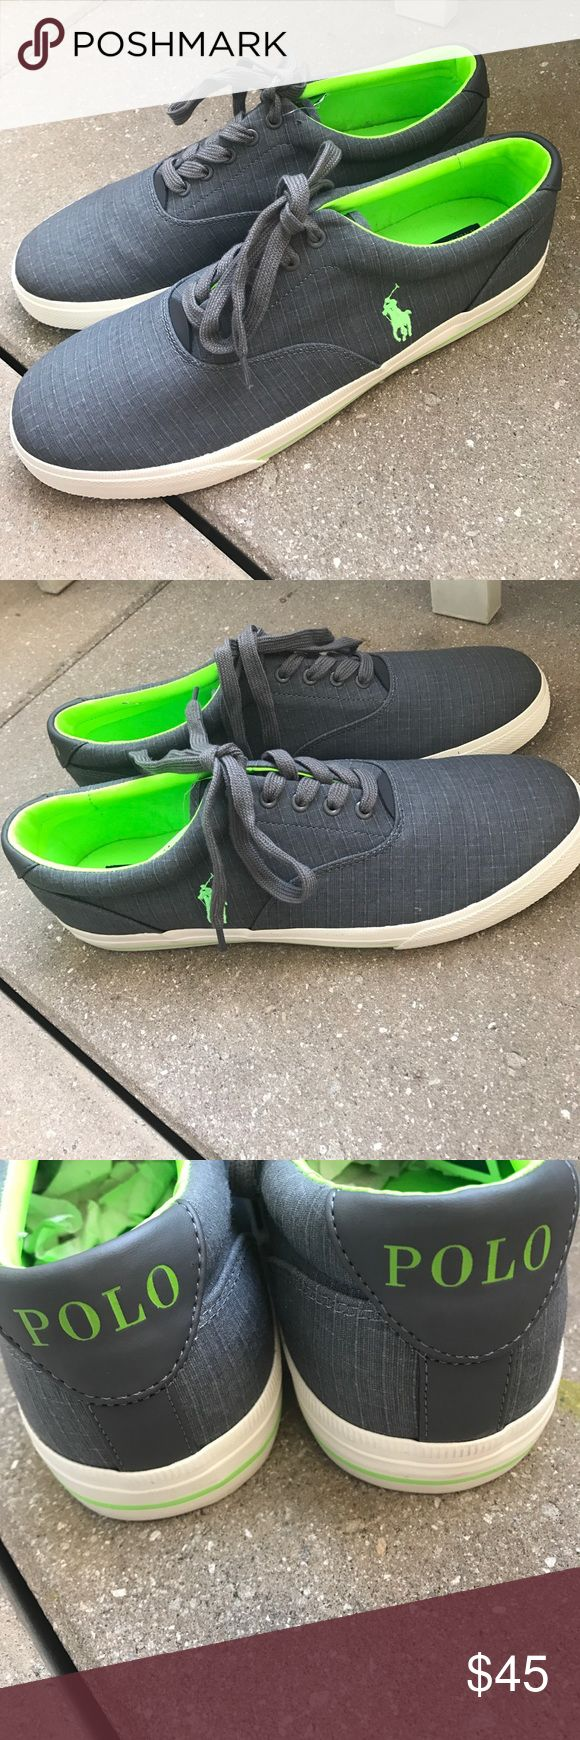 Polo Ralph Lauren men's sneakers Sz 14 Brand new pair of sneakers missing box Polo by Ralph Lauren Shoes Sneakers